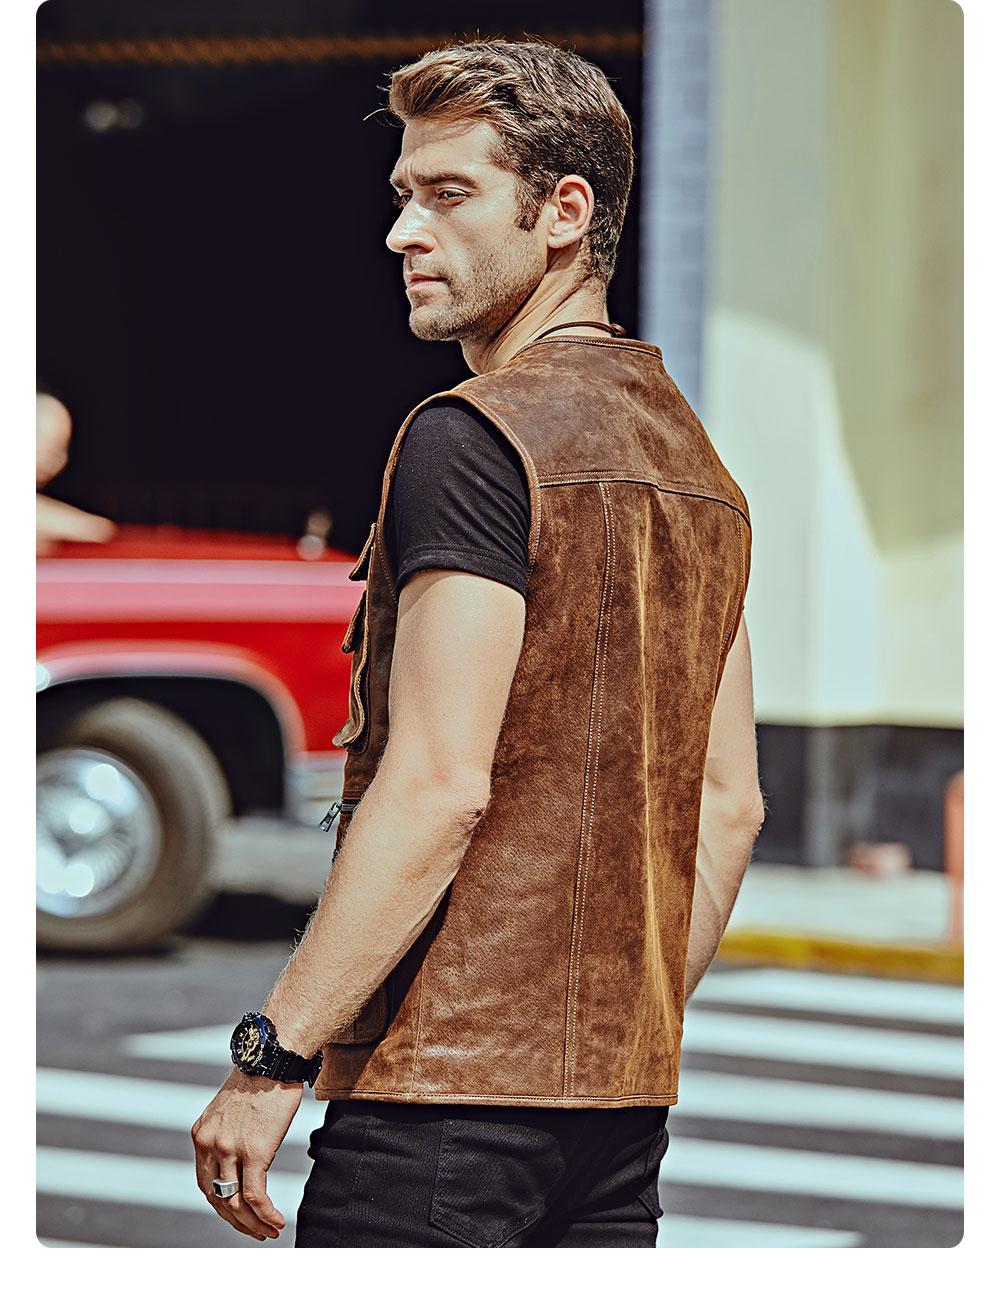 H313ffe94cb4f4c31b4a25e0877b08952u FLAVOR New Men's Real Leather Vest Men's Motorcycle Fishing Outdoor Travel Vests